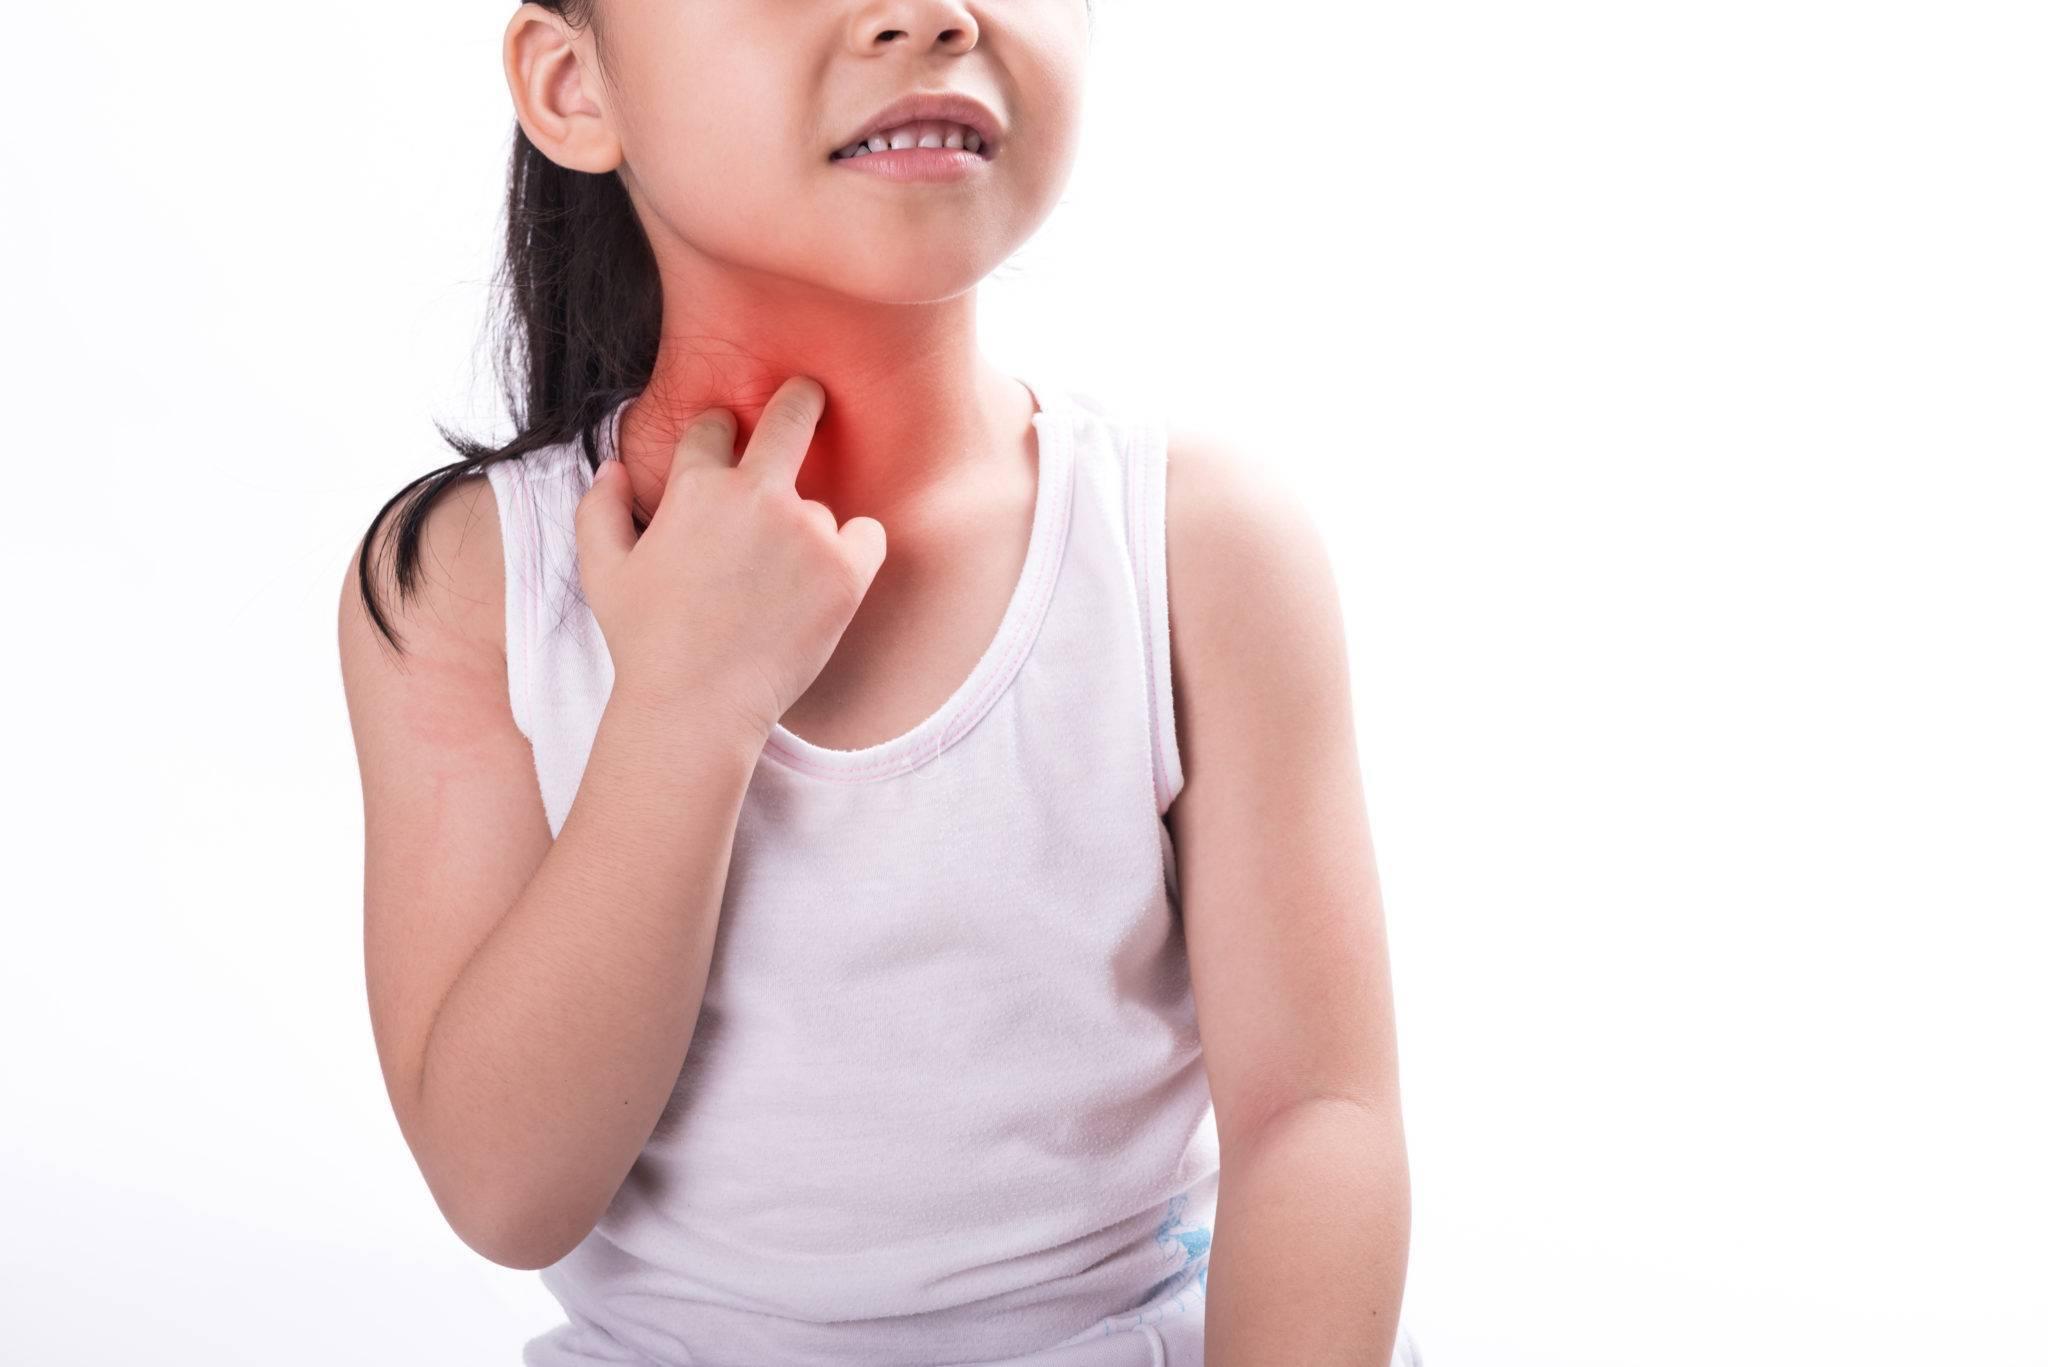 Сыпь на теле ребенка и красные уши